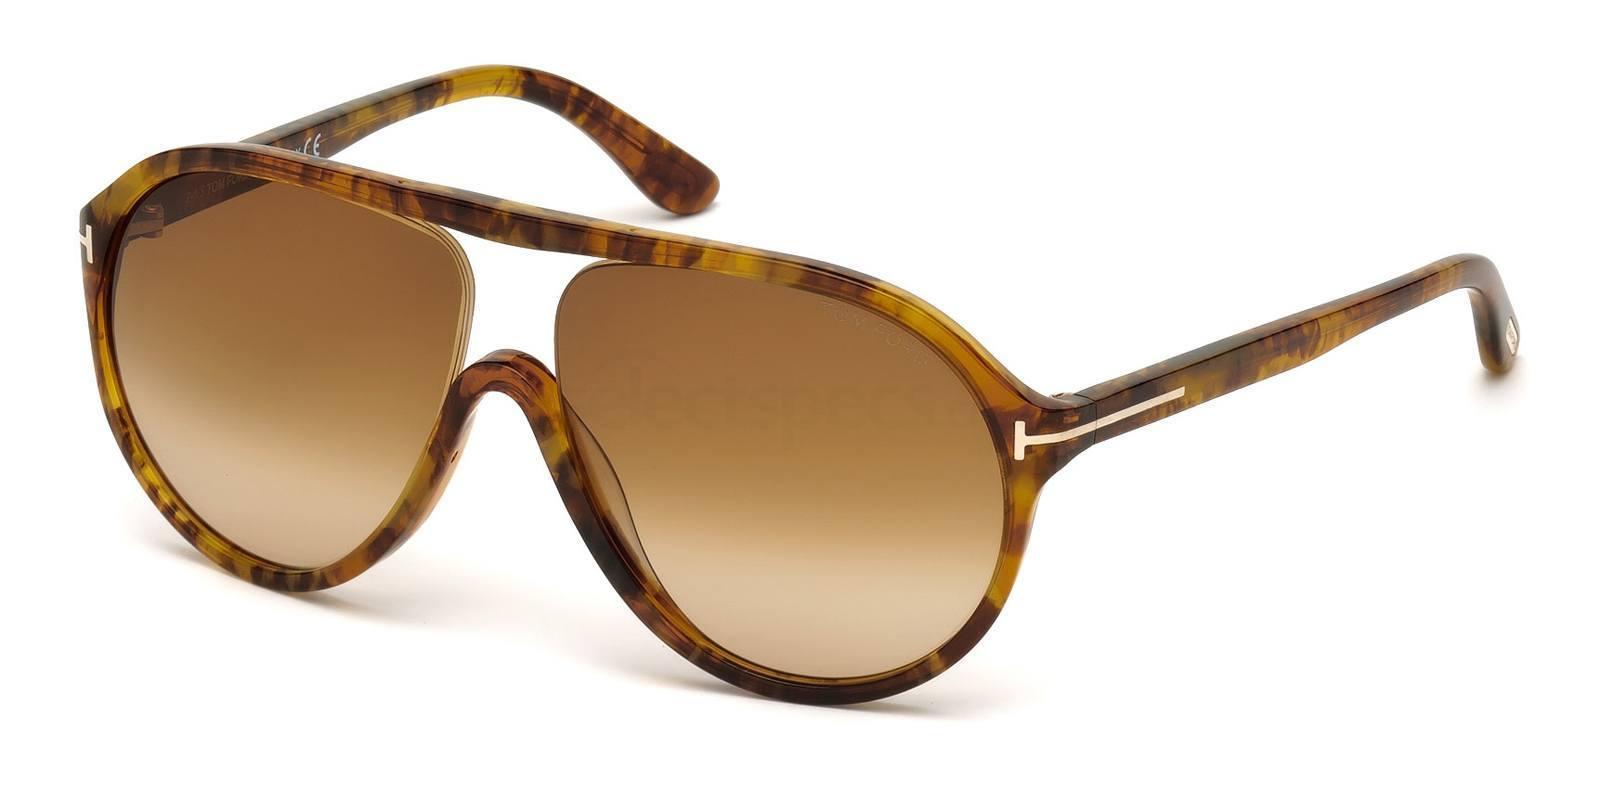 retro aviator one lens visor sunglasses trend 2016